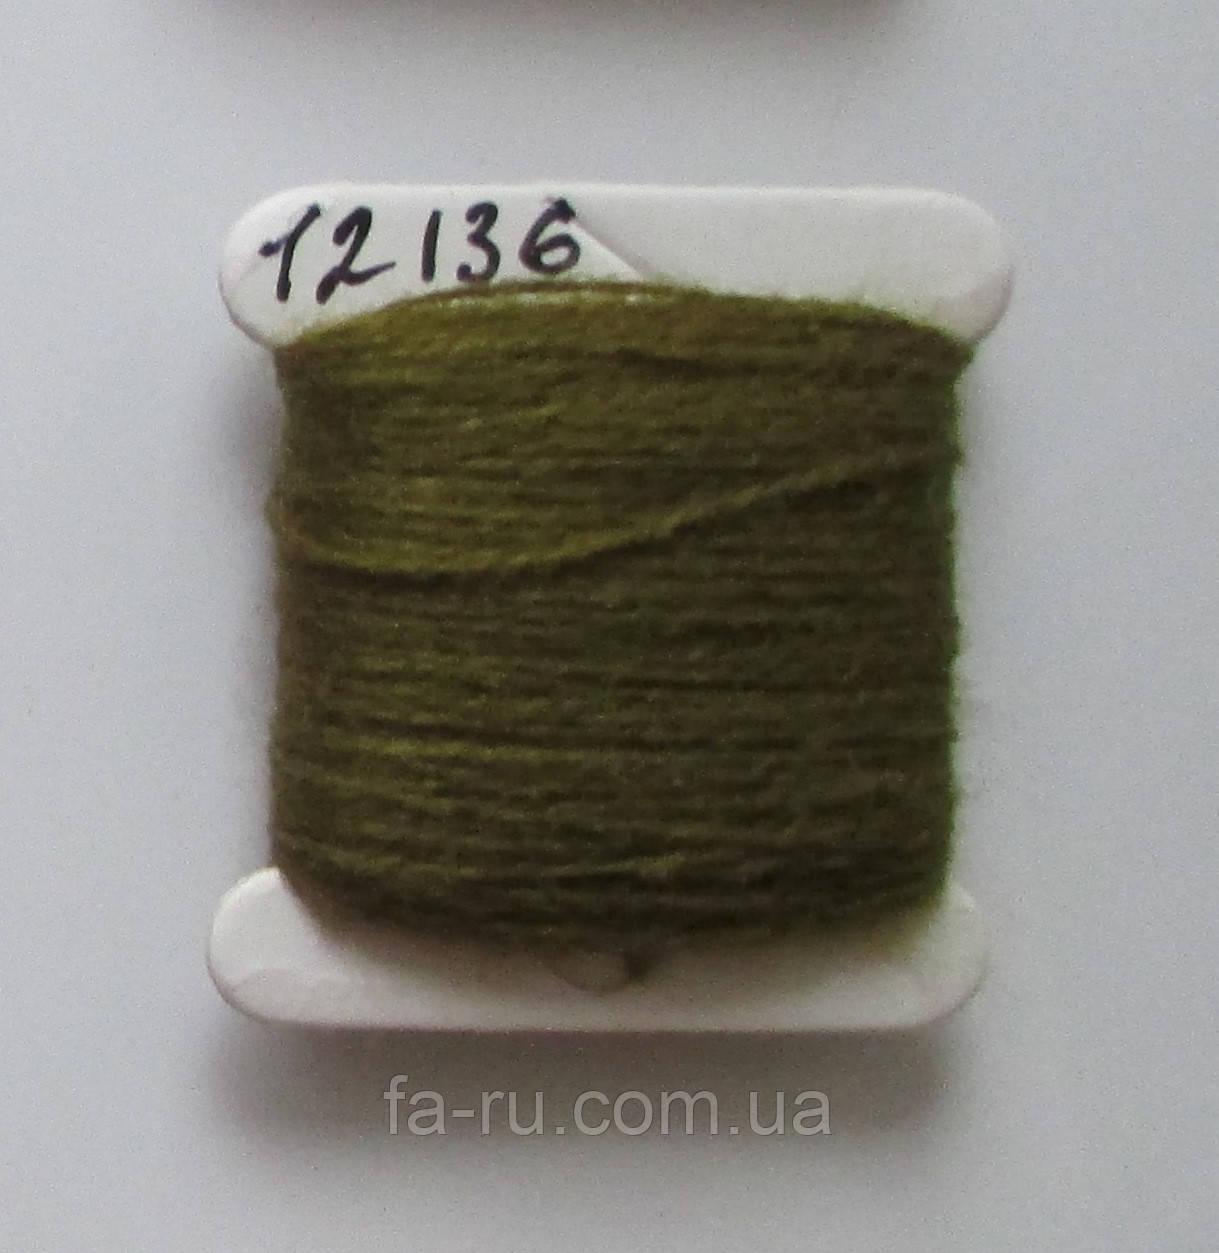 Акрил для вышивки: мох